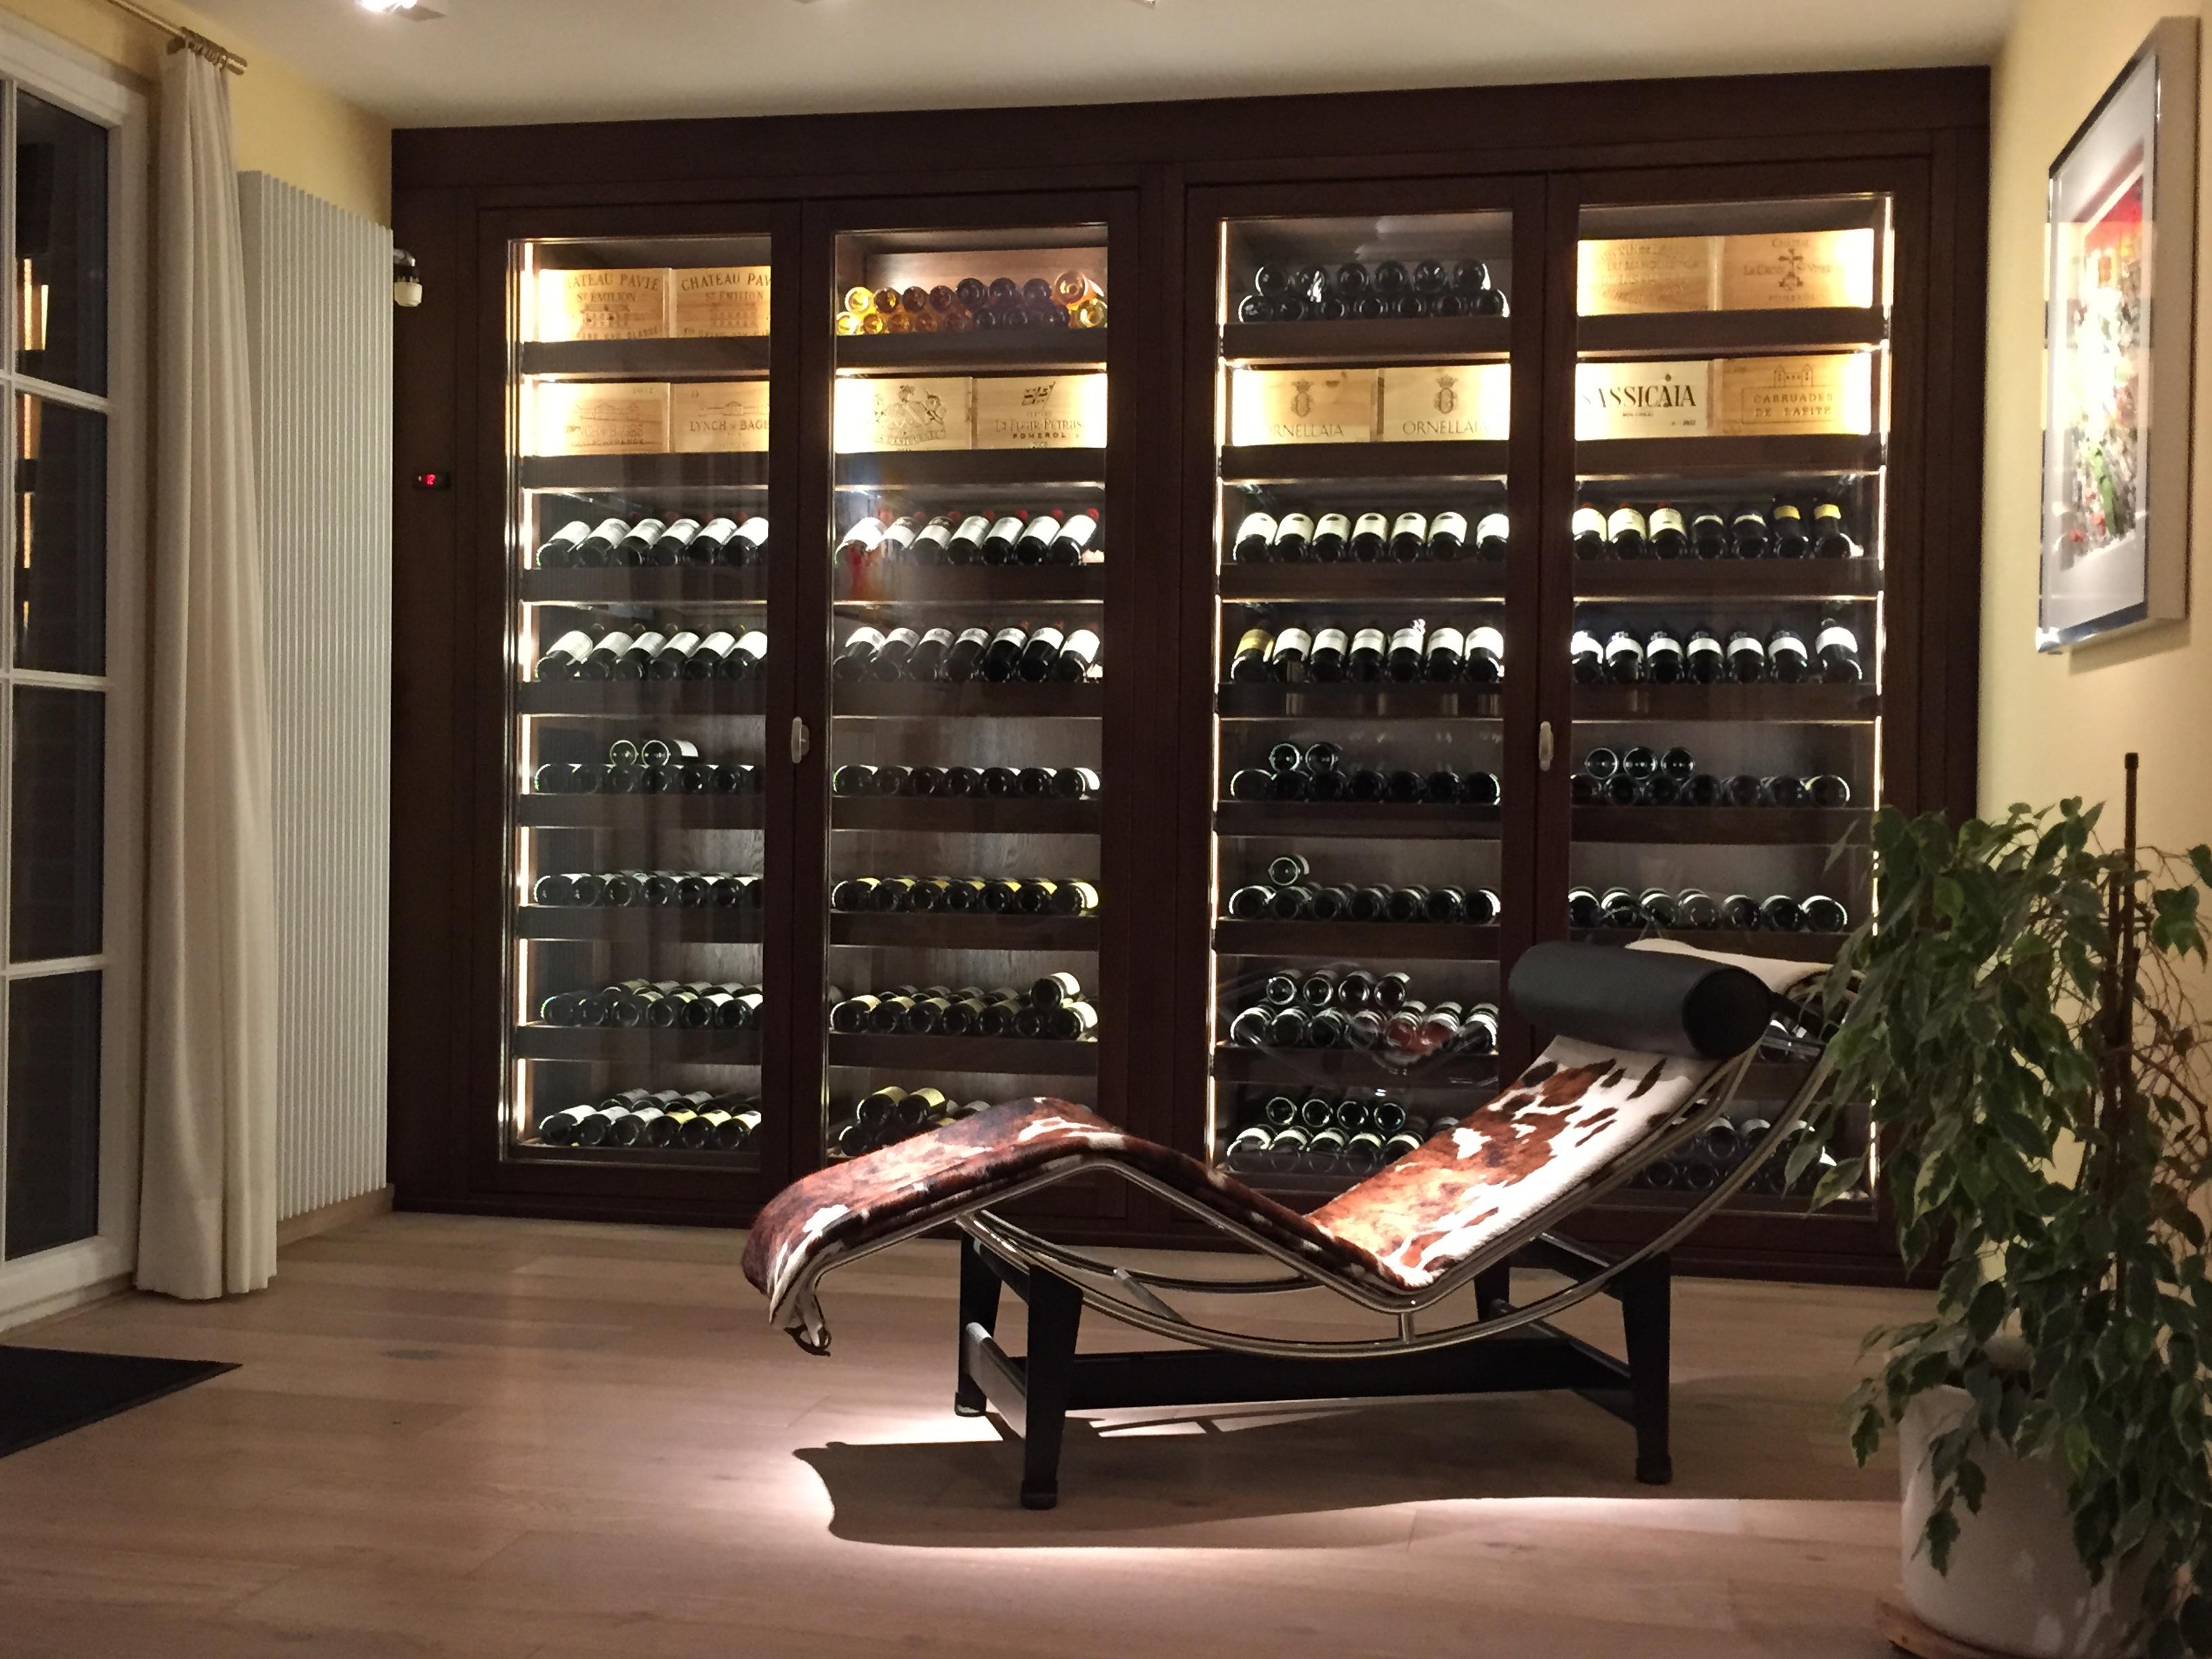 Vos bouteilles de vins sont mieux prot g es avec - Temperature ideale cave a vin electrique ...